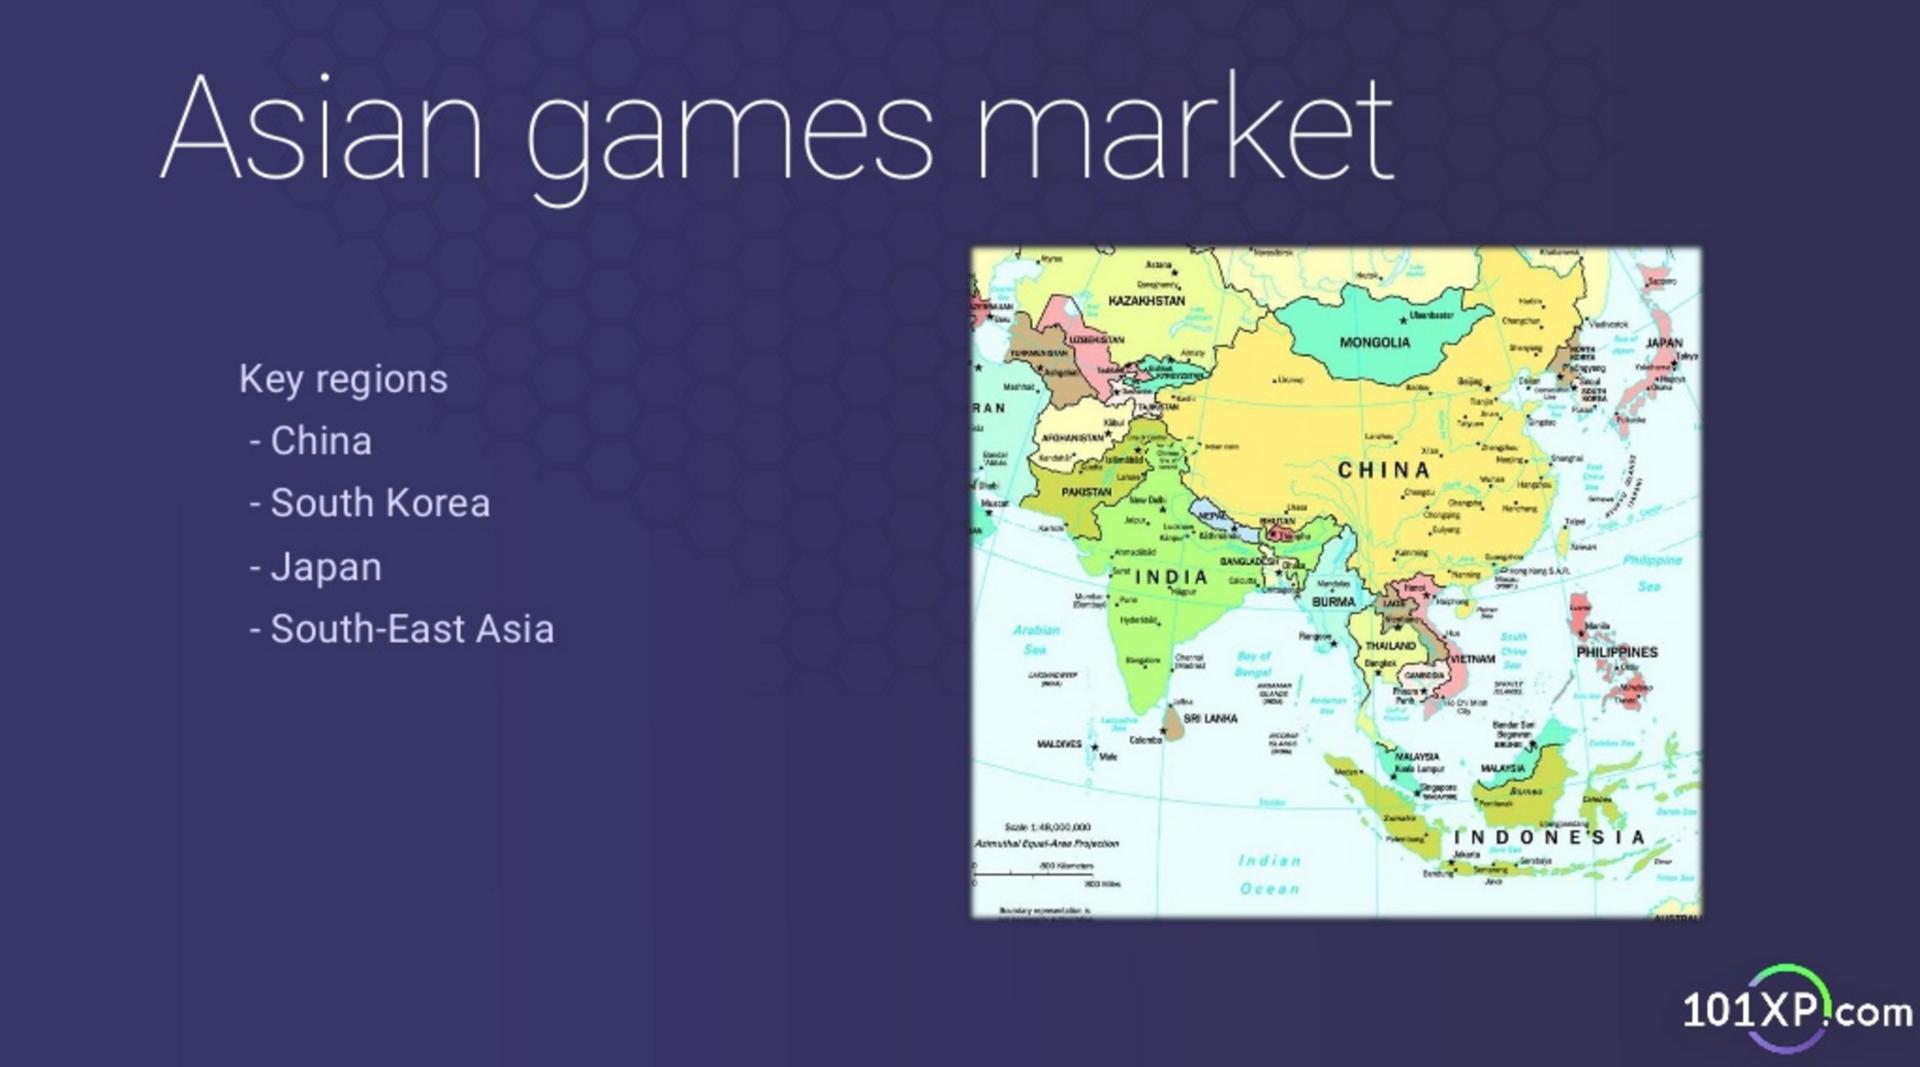 Продвижение мобильных игр на азиатском рынке. Интервью с Ильей Саламатовым, 101XP - 1